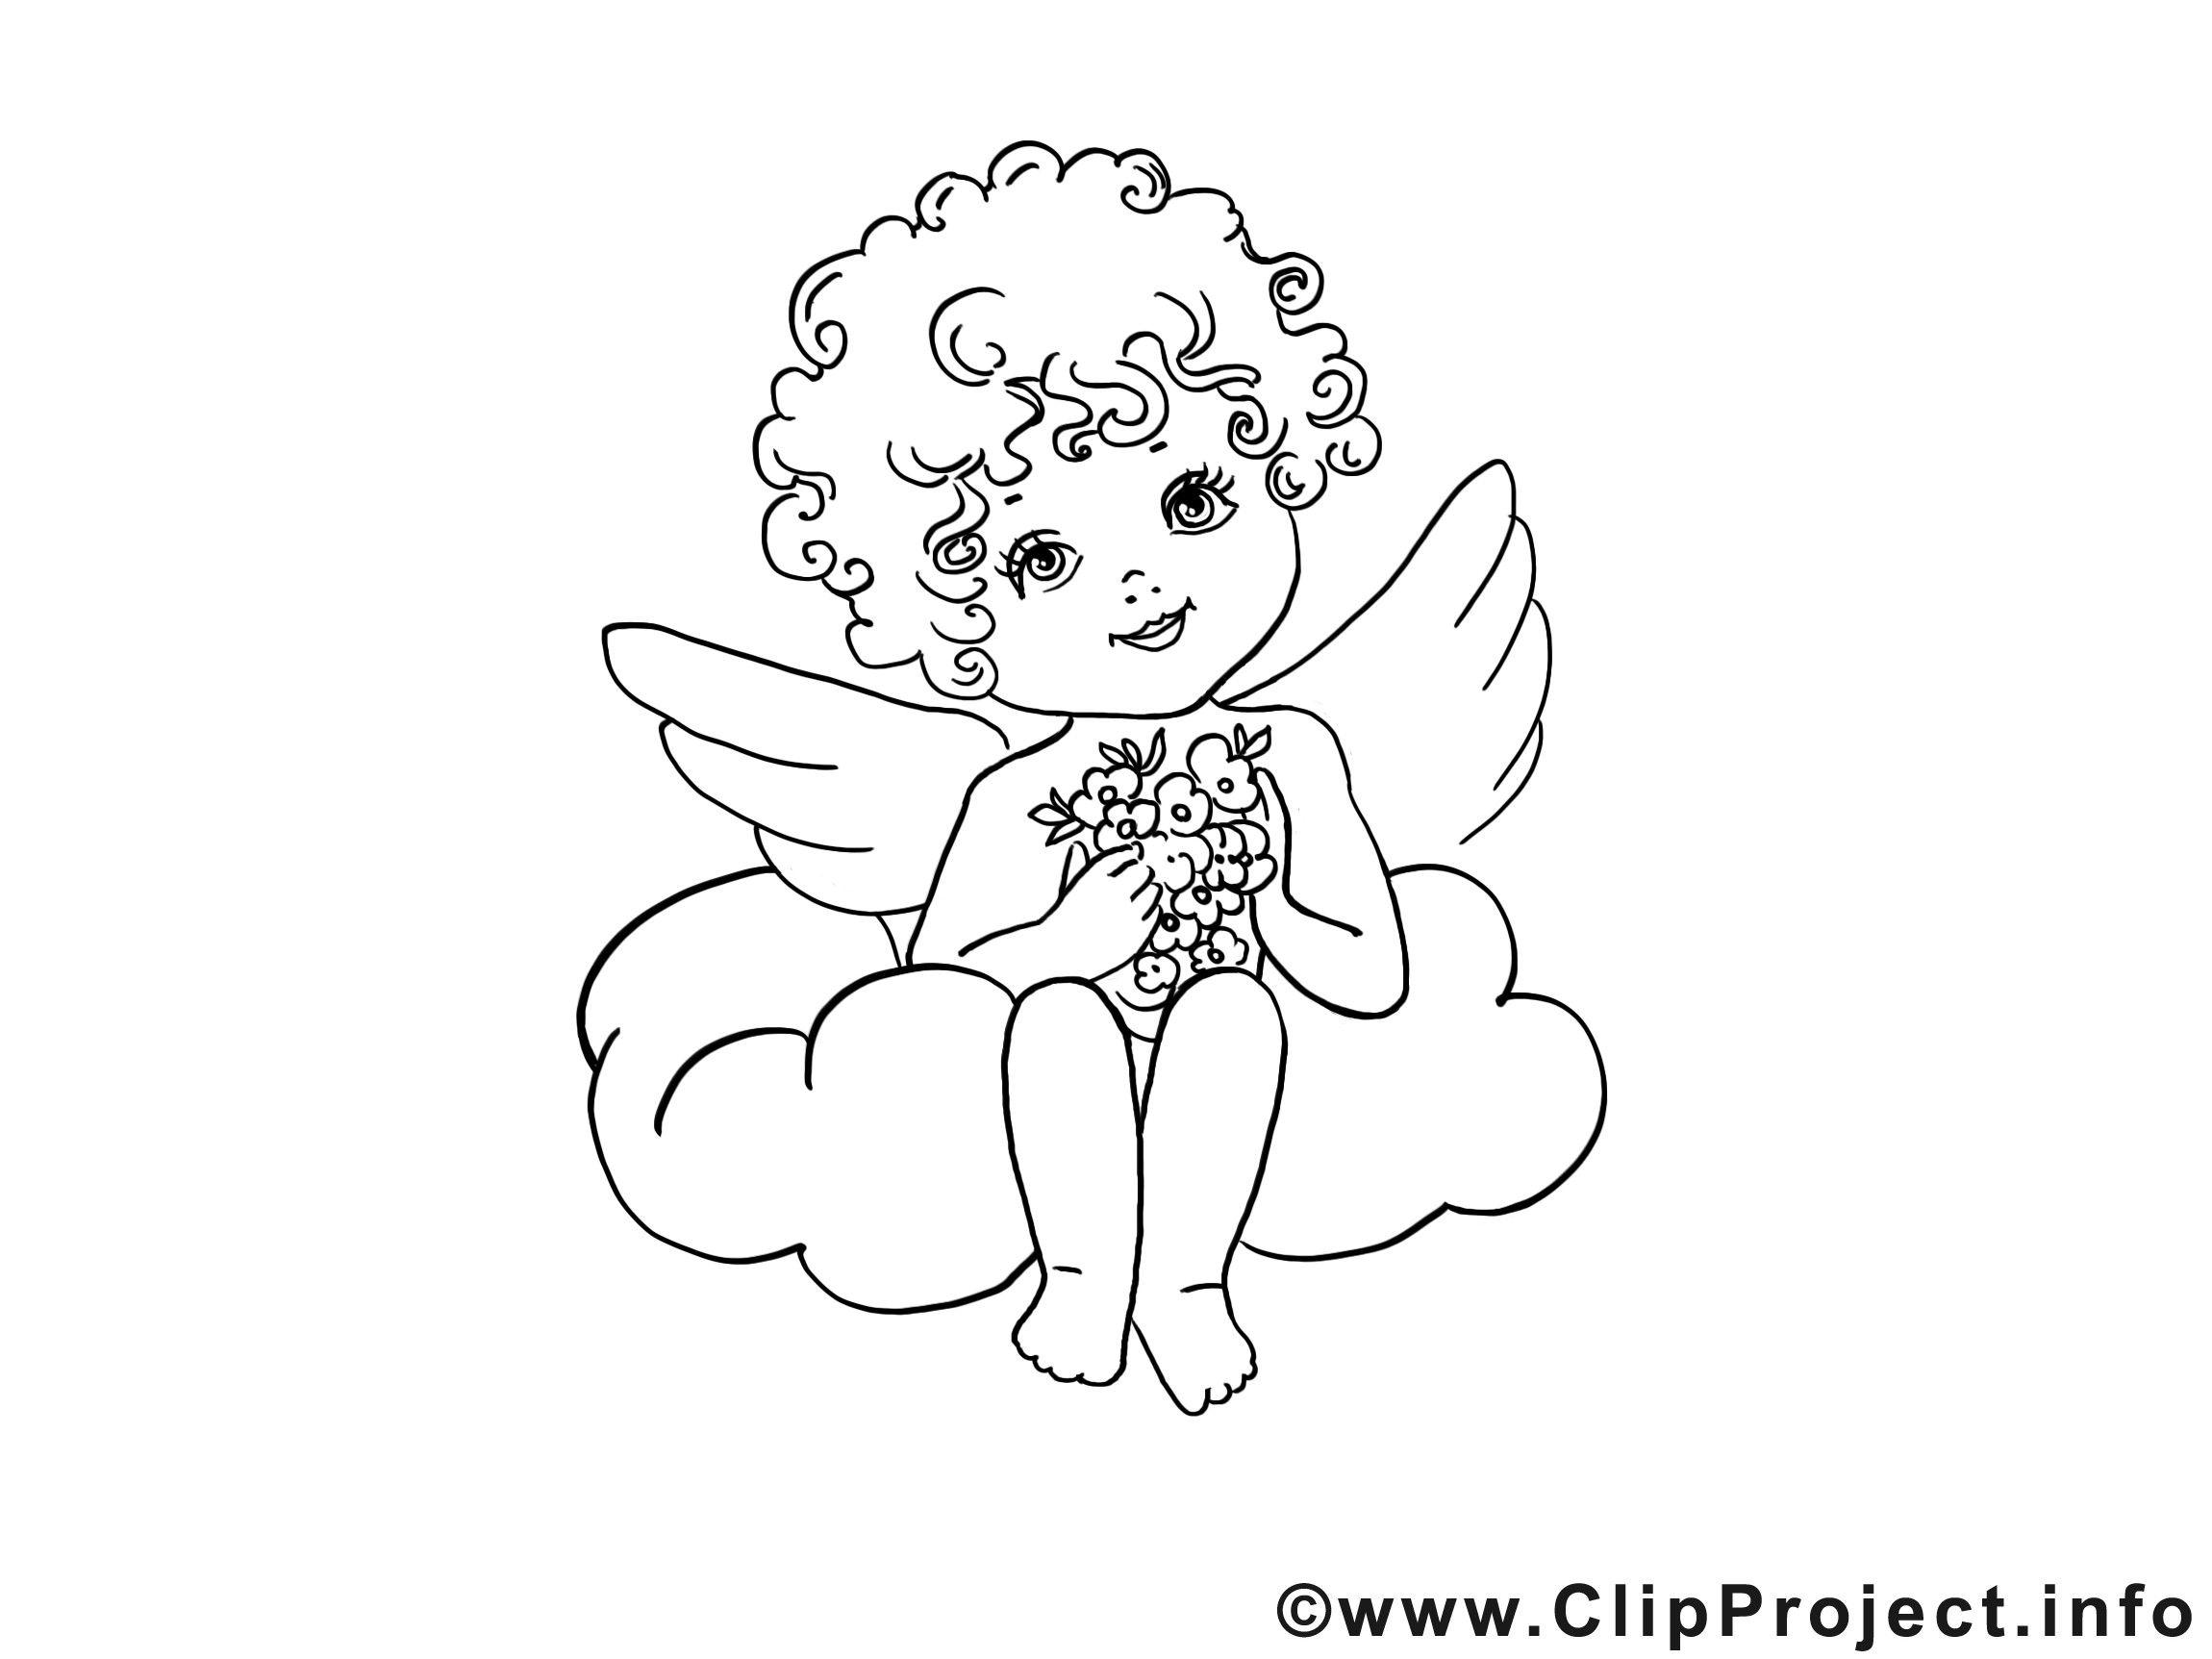 Vorlage Engel Zum Ausdruckenschutzengel Malvorlagen